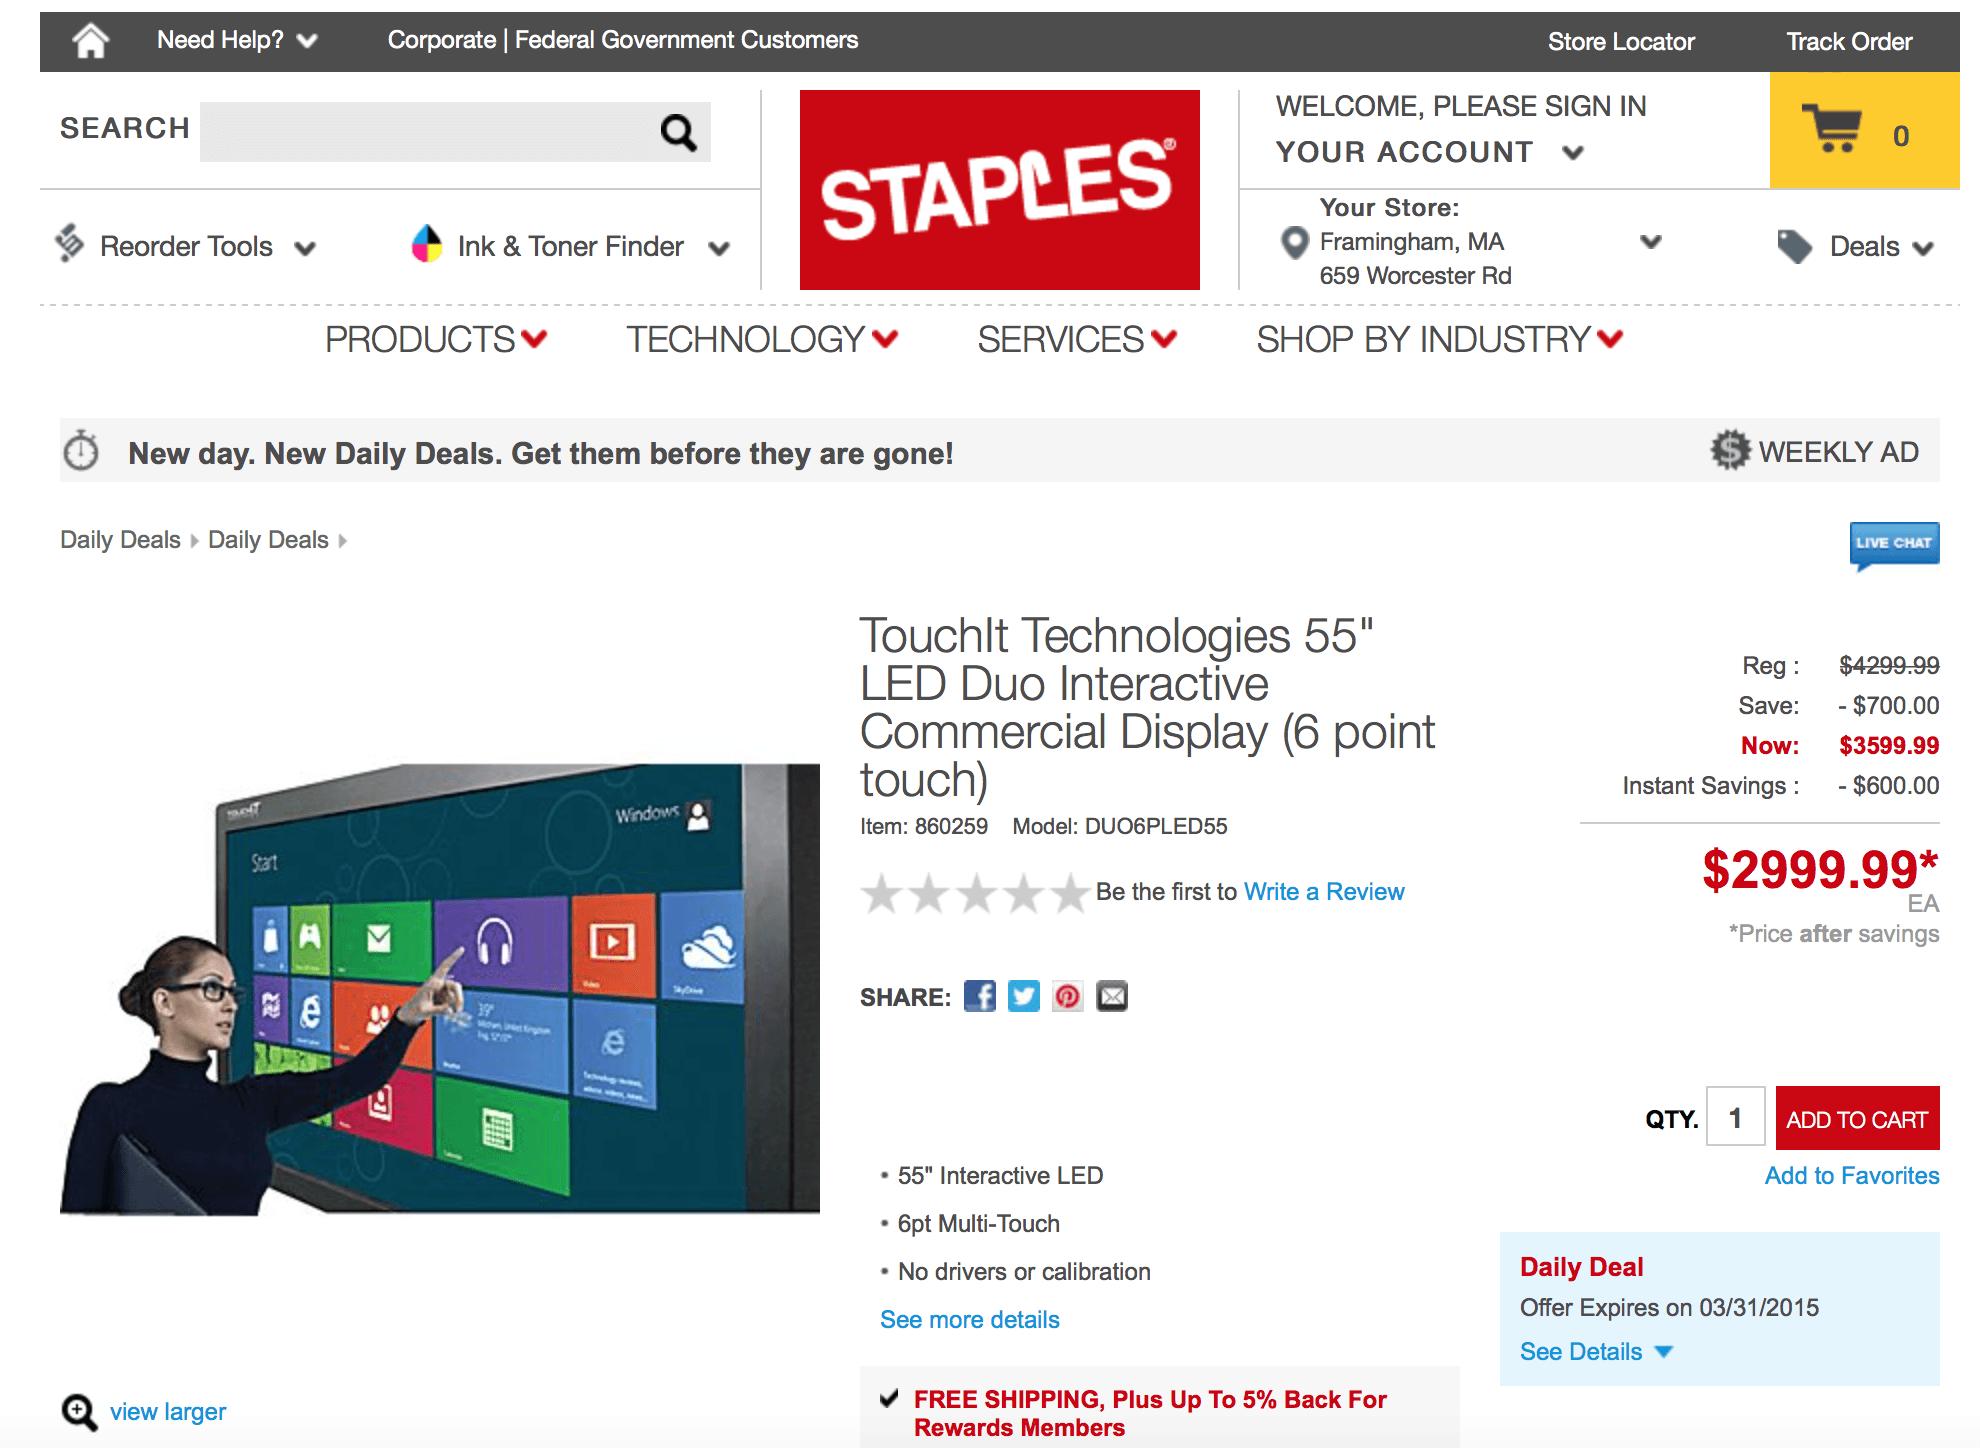 Staples.com Daily Deals